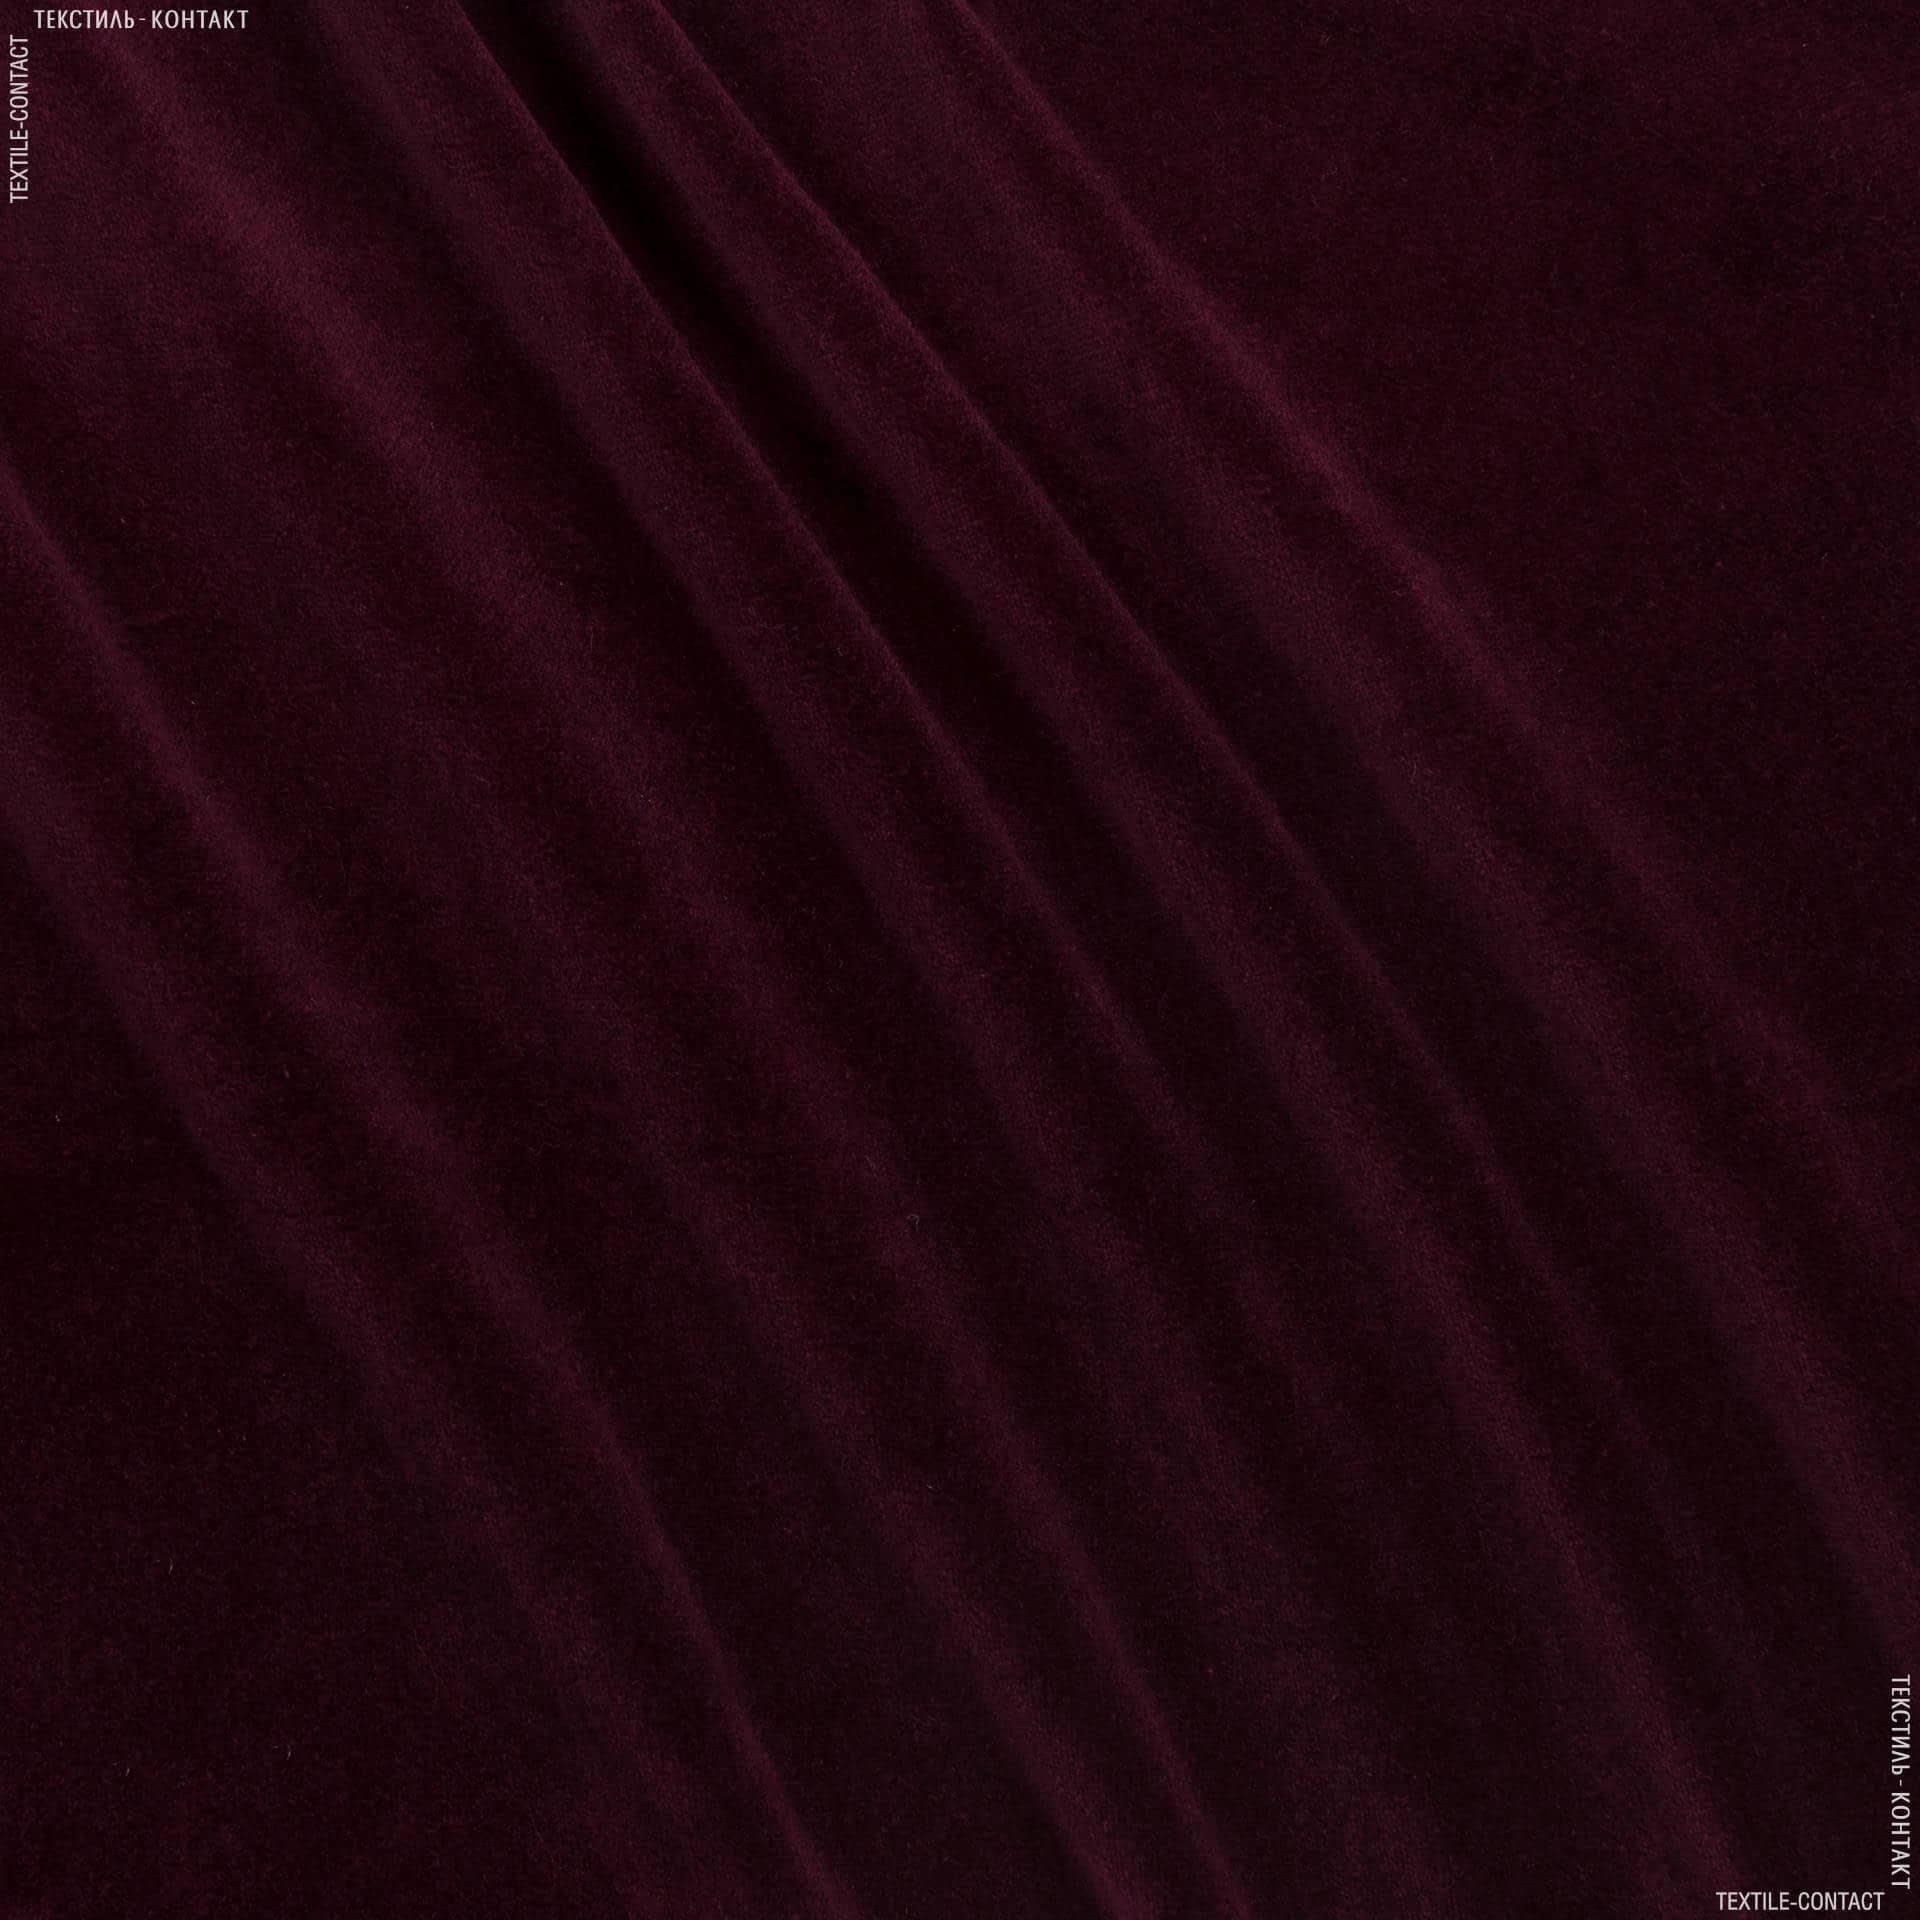 Тканини портьєрні тканини - Костюмний оксамит бордовий